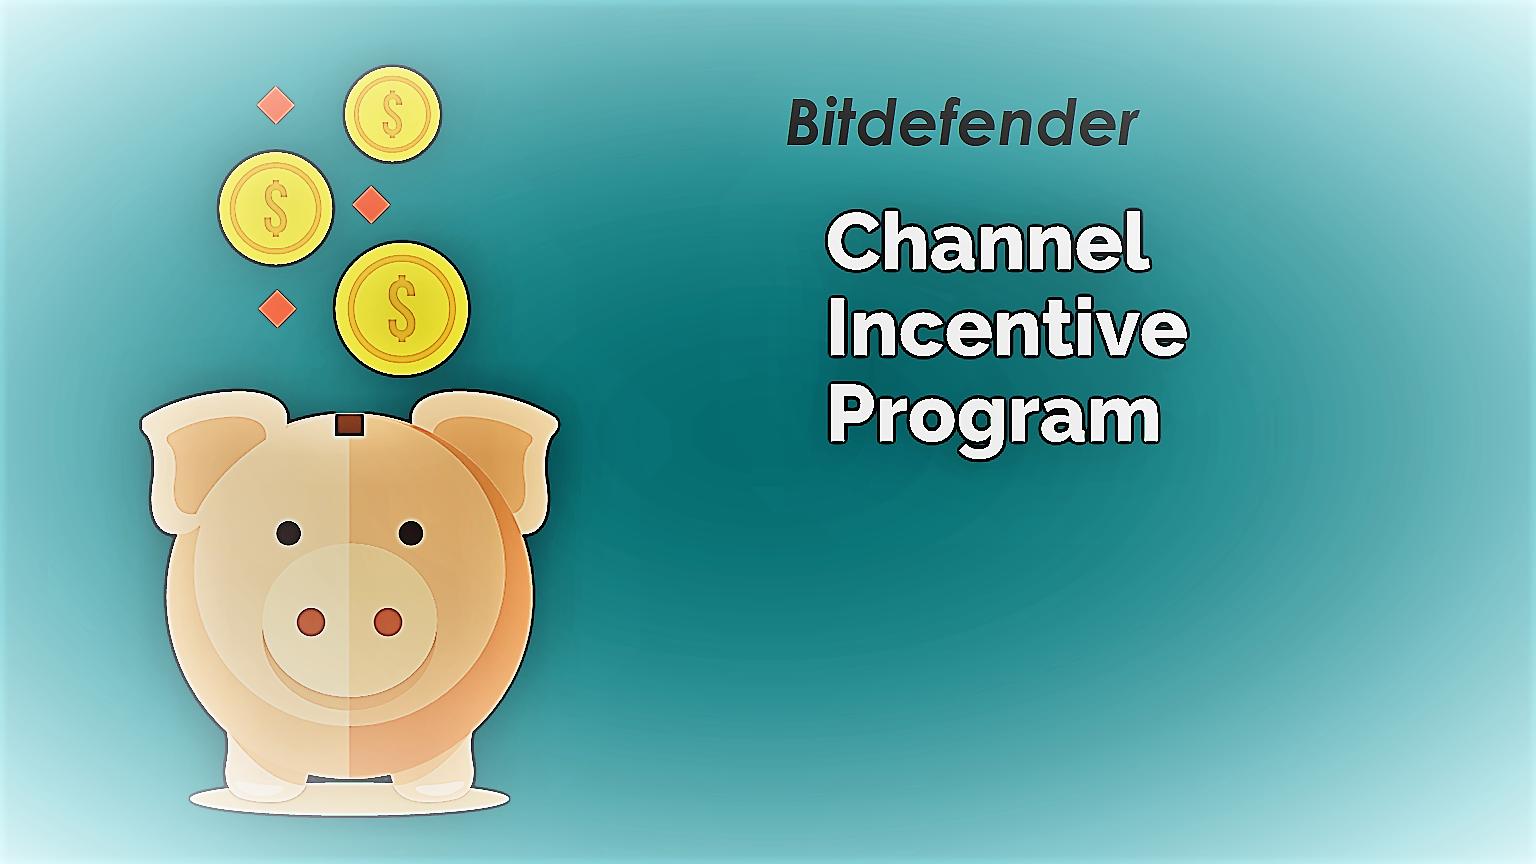 https://campaign-image.com/zohocampaigns/2412000008226080_zc_v24_channel_incentive_program_3.png